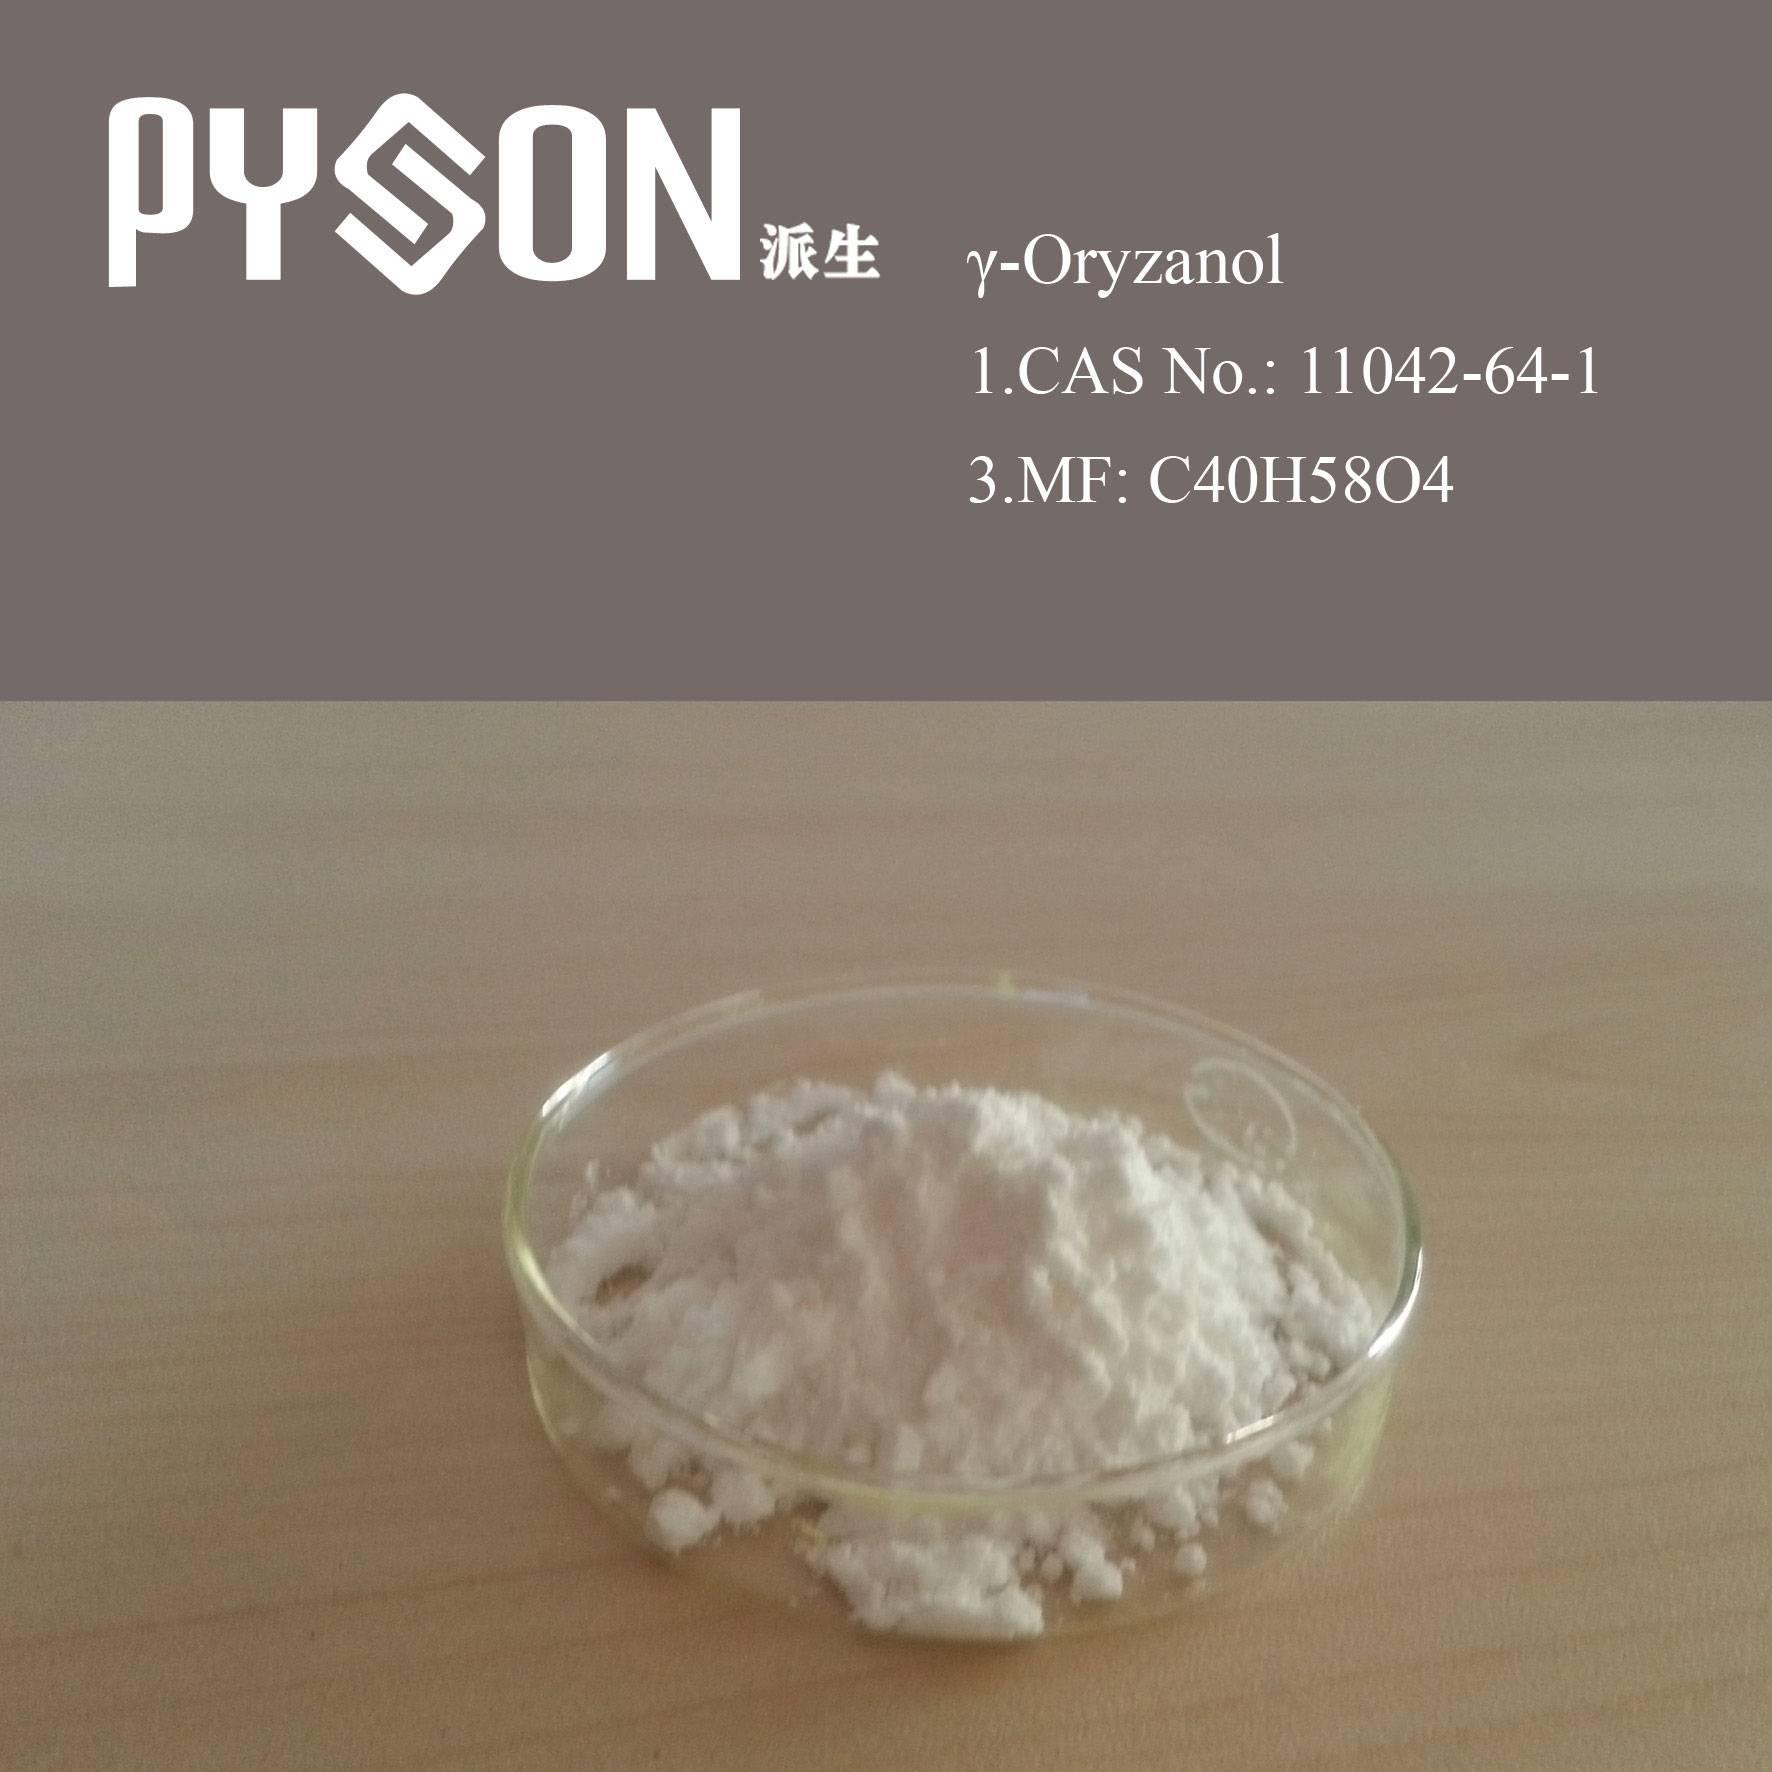 gamma-Oryzanol